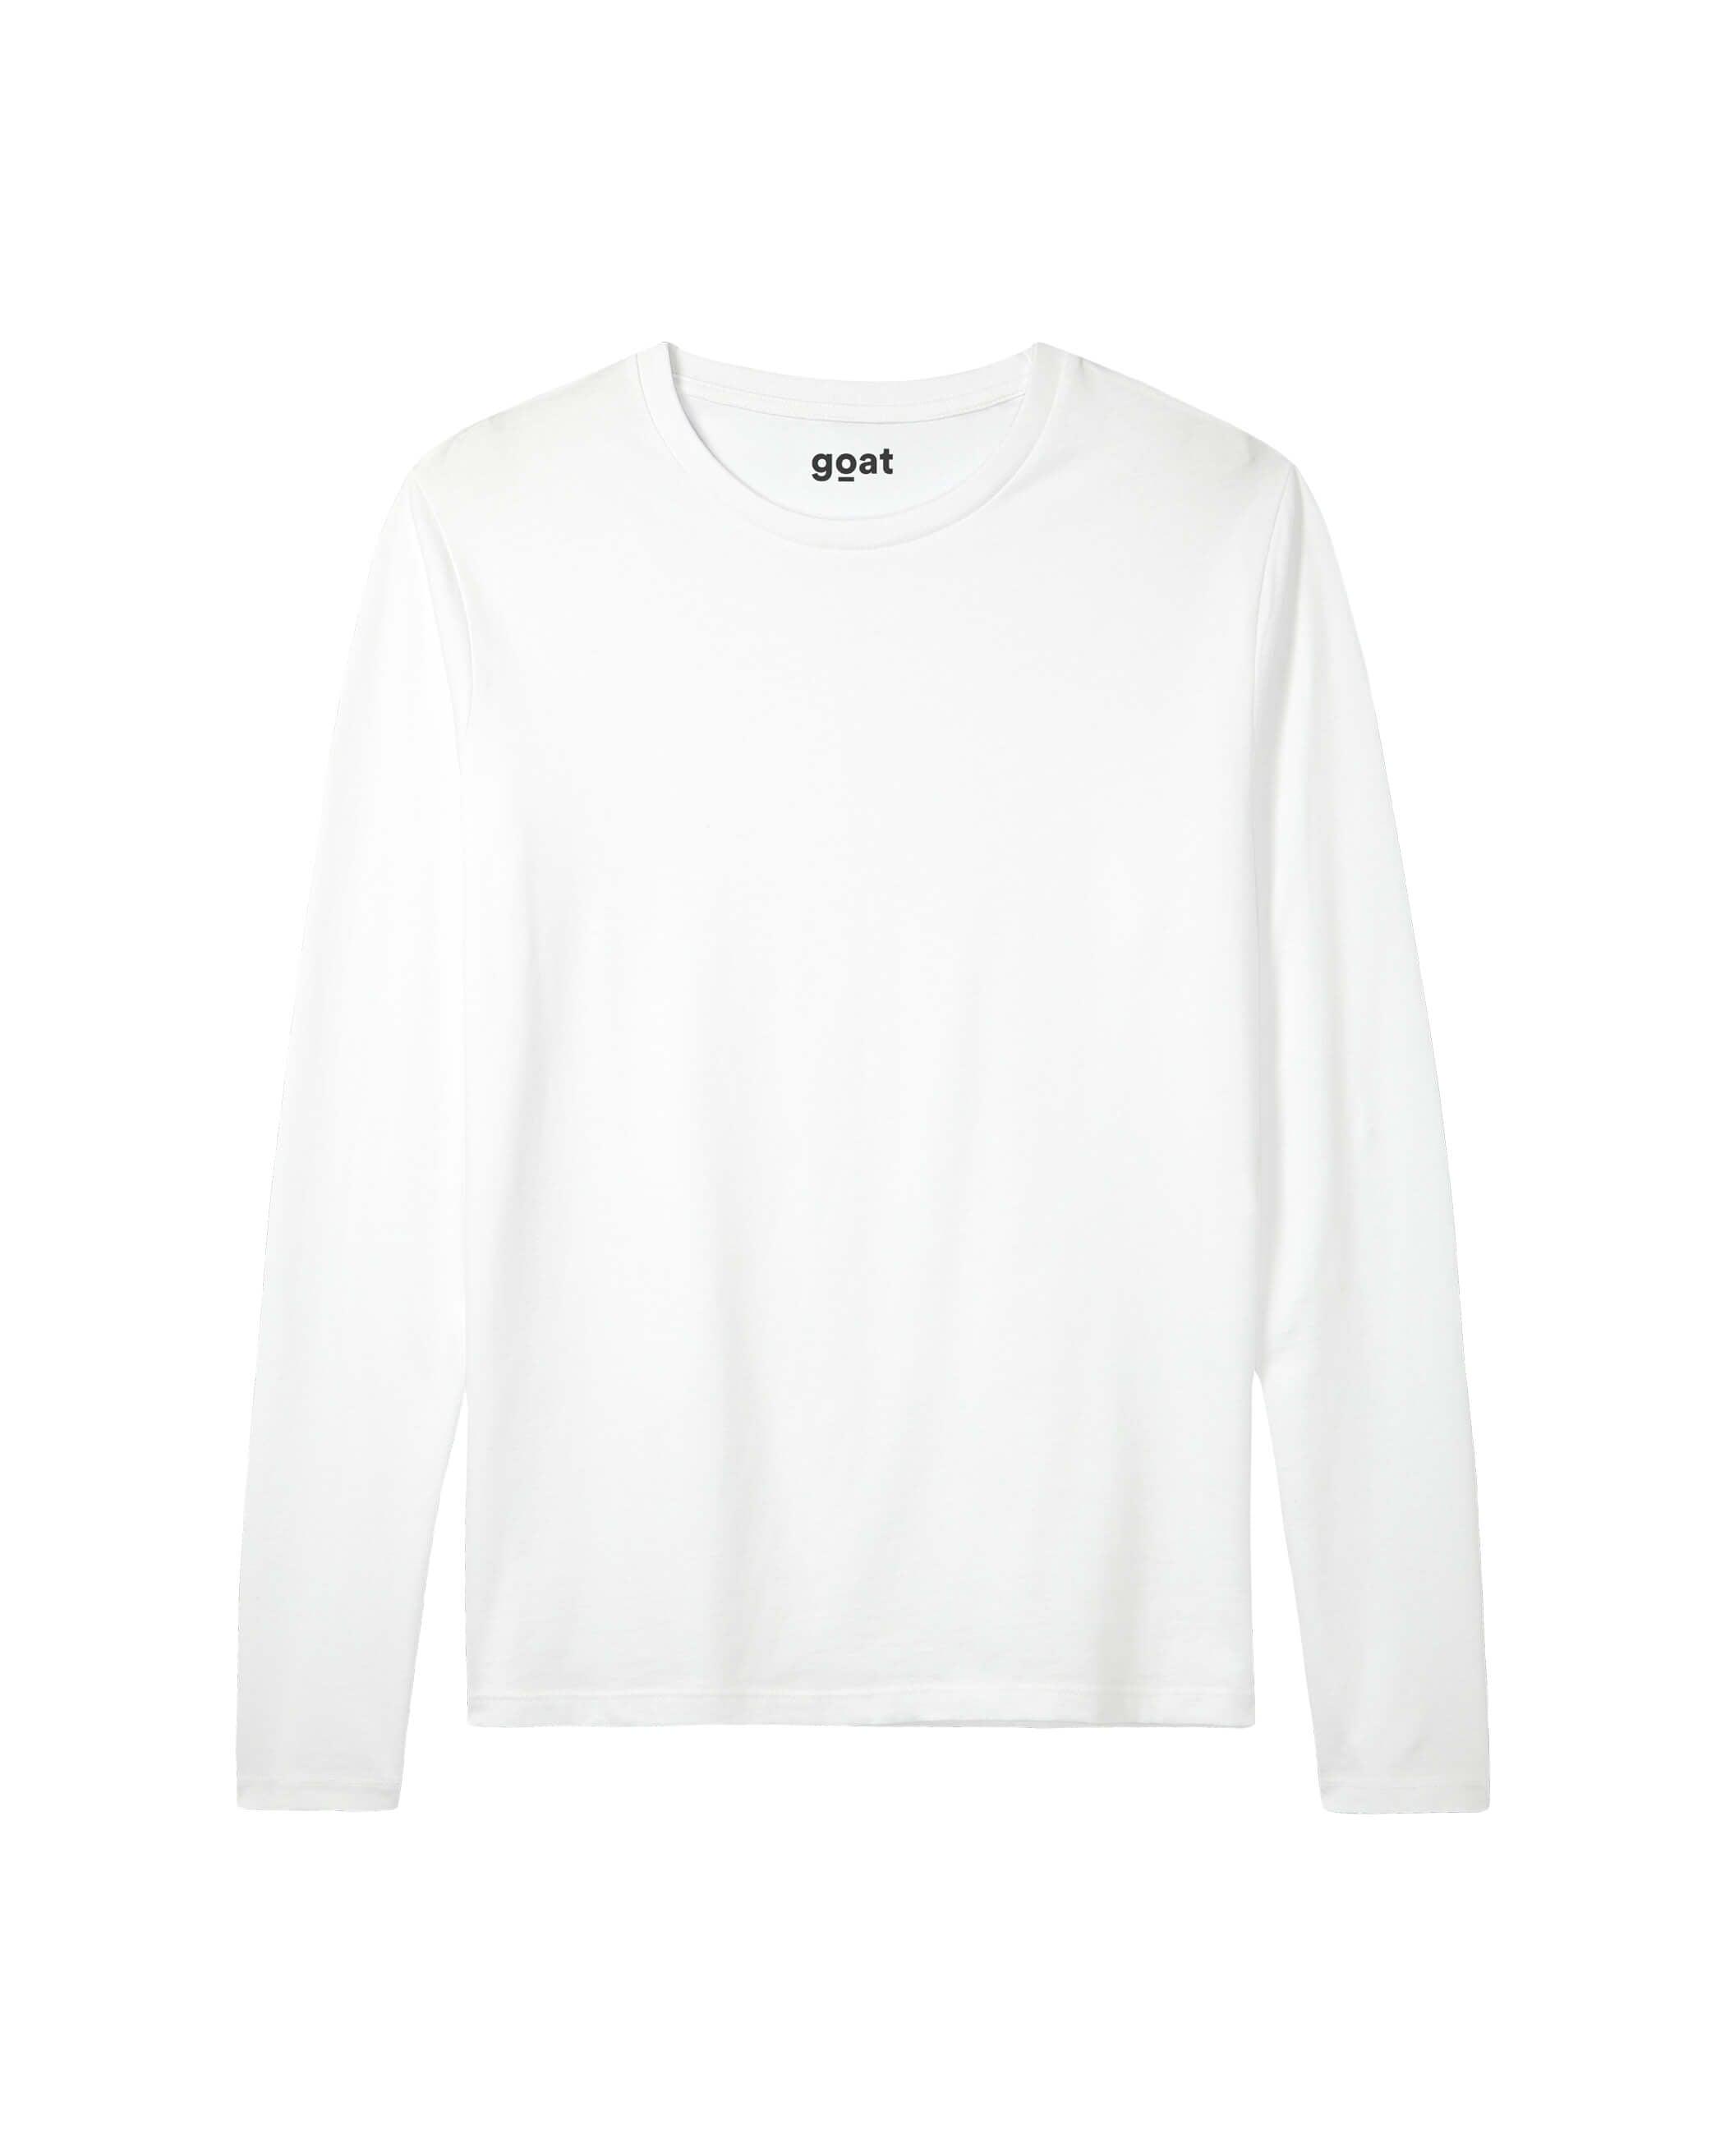 Sloan Long Sleeve White